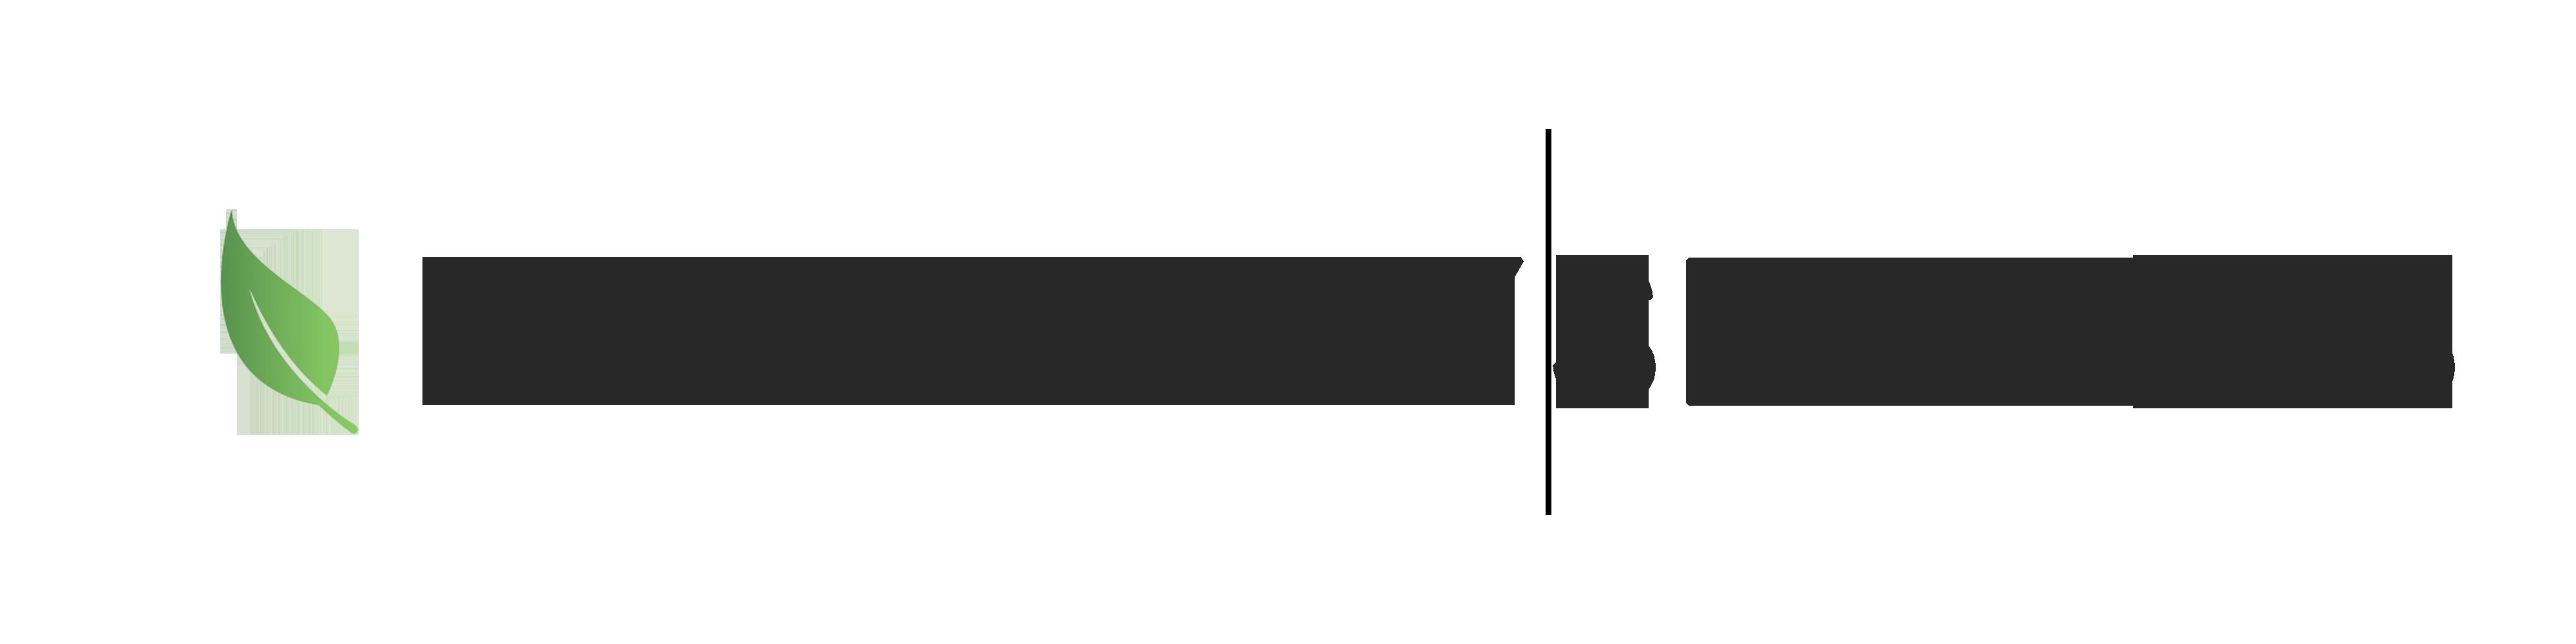 David Ray Services